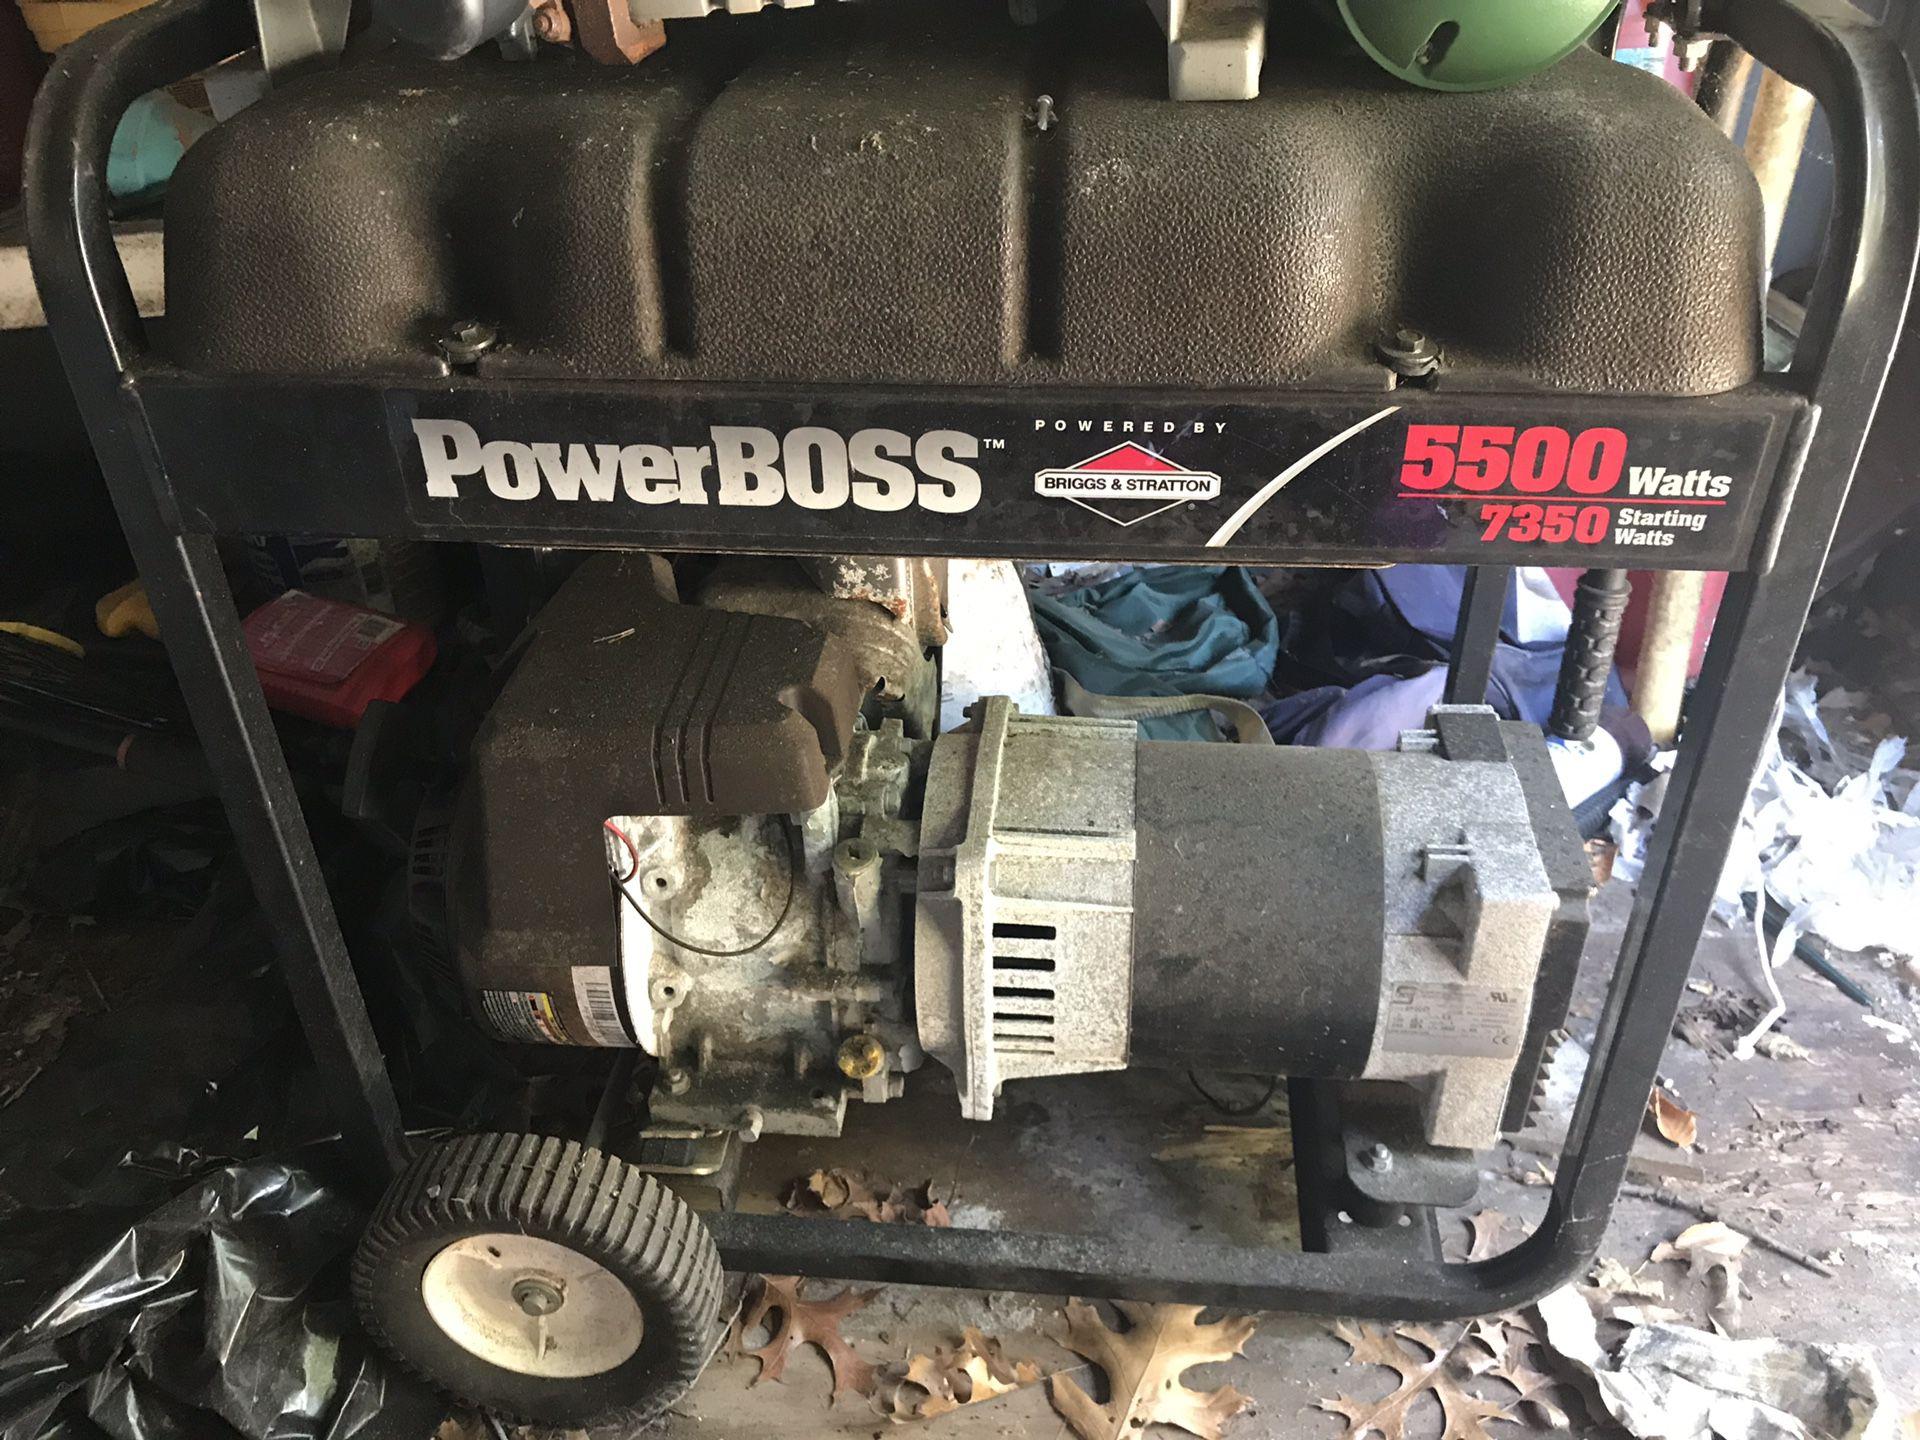 Power boss 55 watts generator